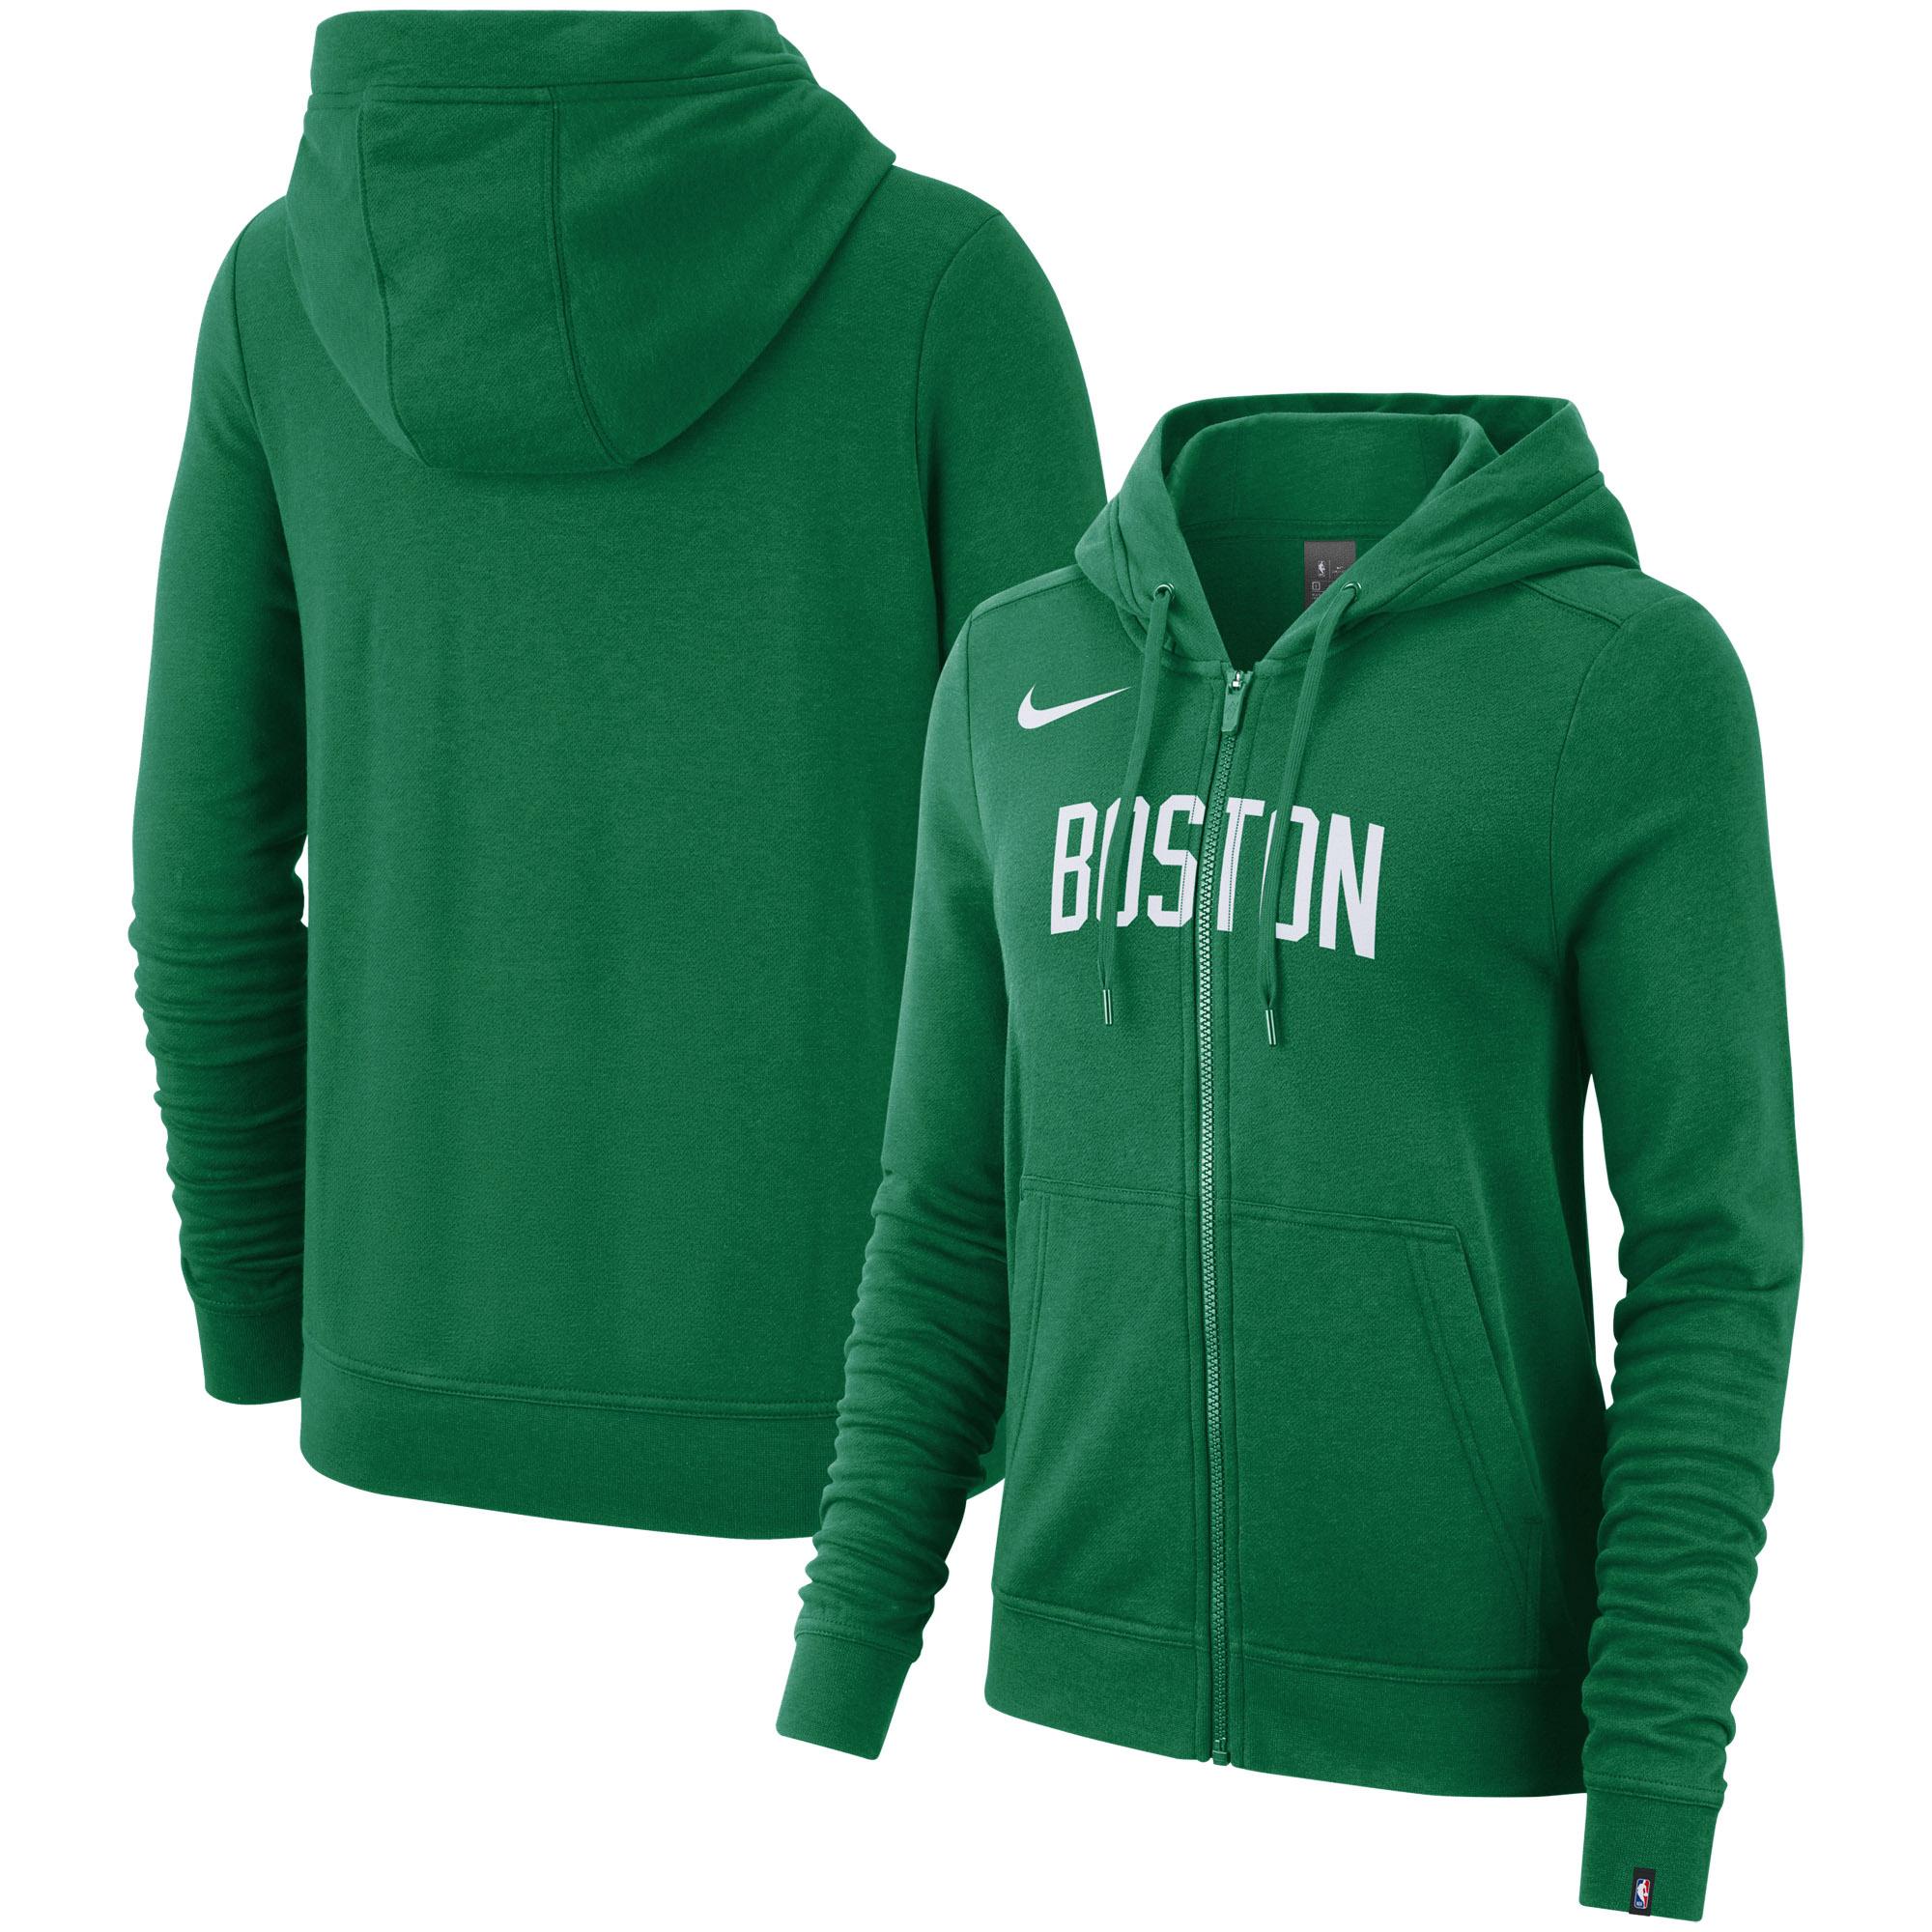 Boston Celtics Nike Women's Essential Wordmark Full-Zip Hoodie - Kelly Green